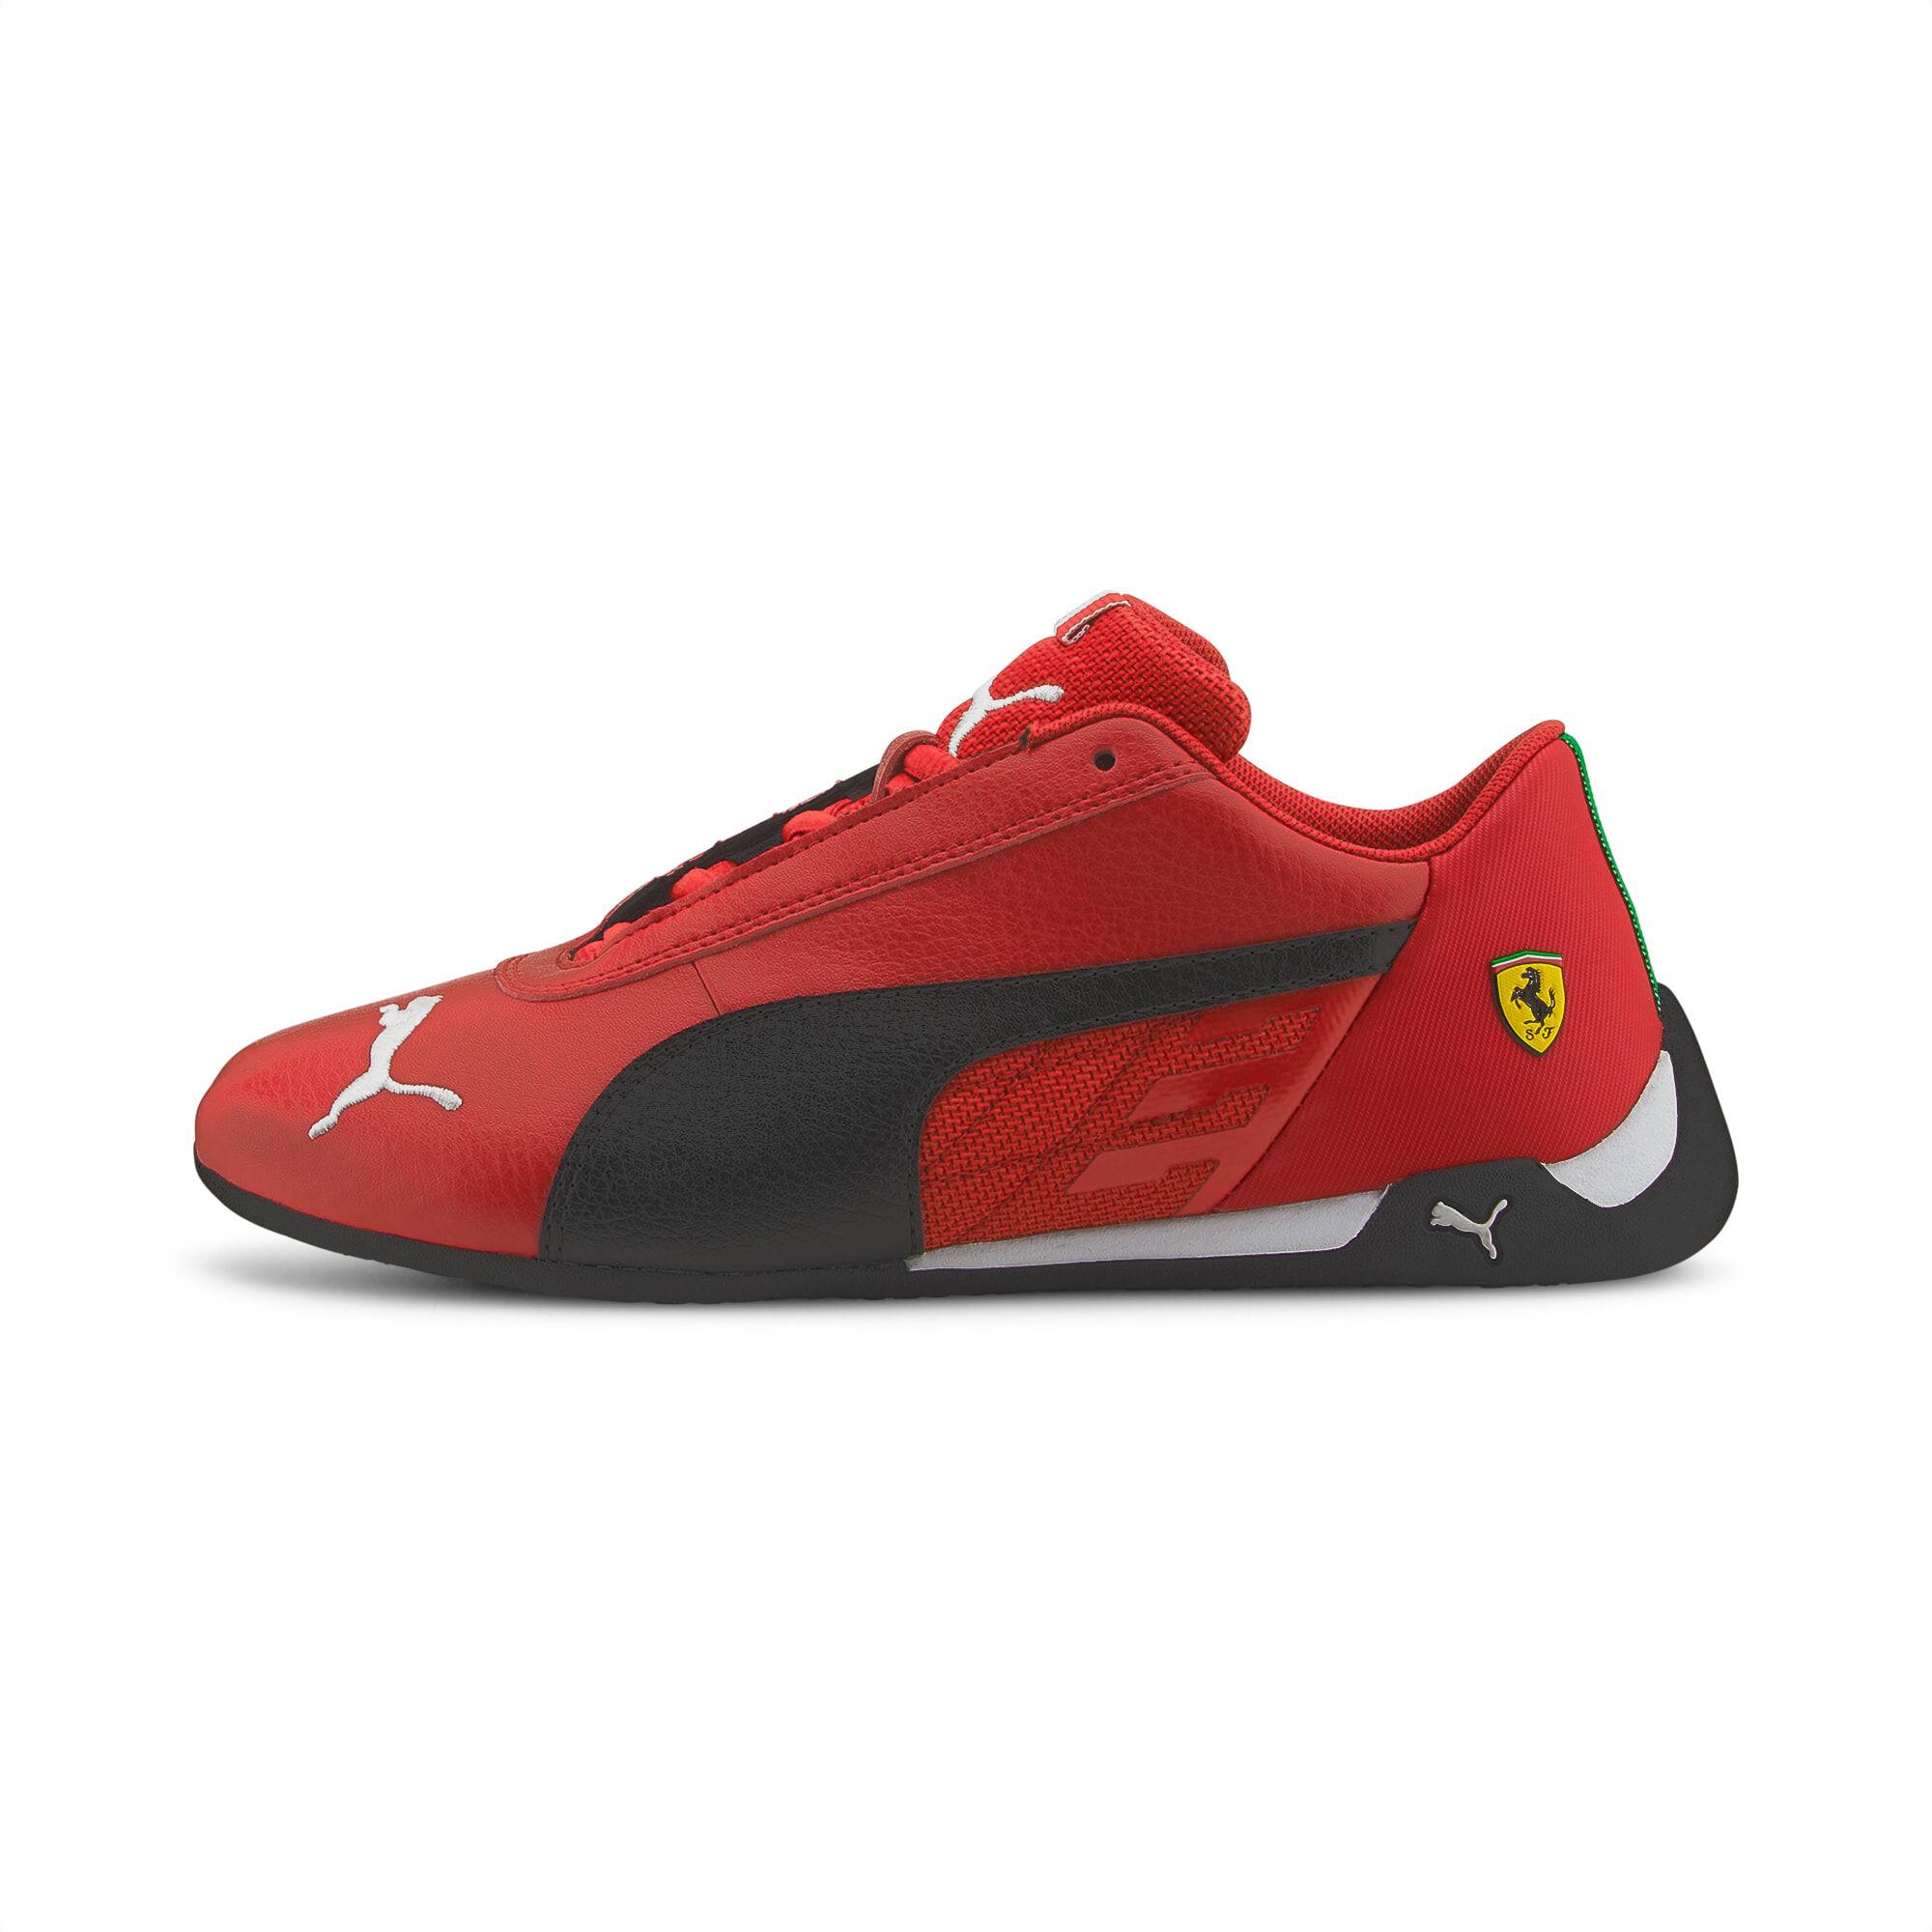 PUMA Chaussure de sport automobile Scuderia Ferrari Race R-Cat Youth pour Enfant, Rouge/Noir, Taille 37, Chaussures